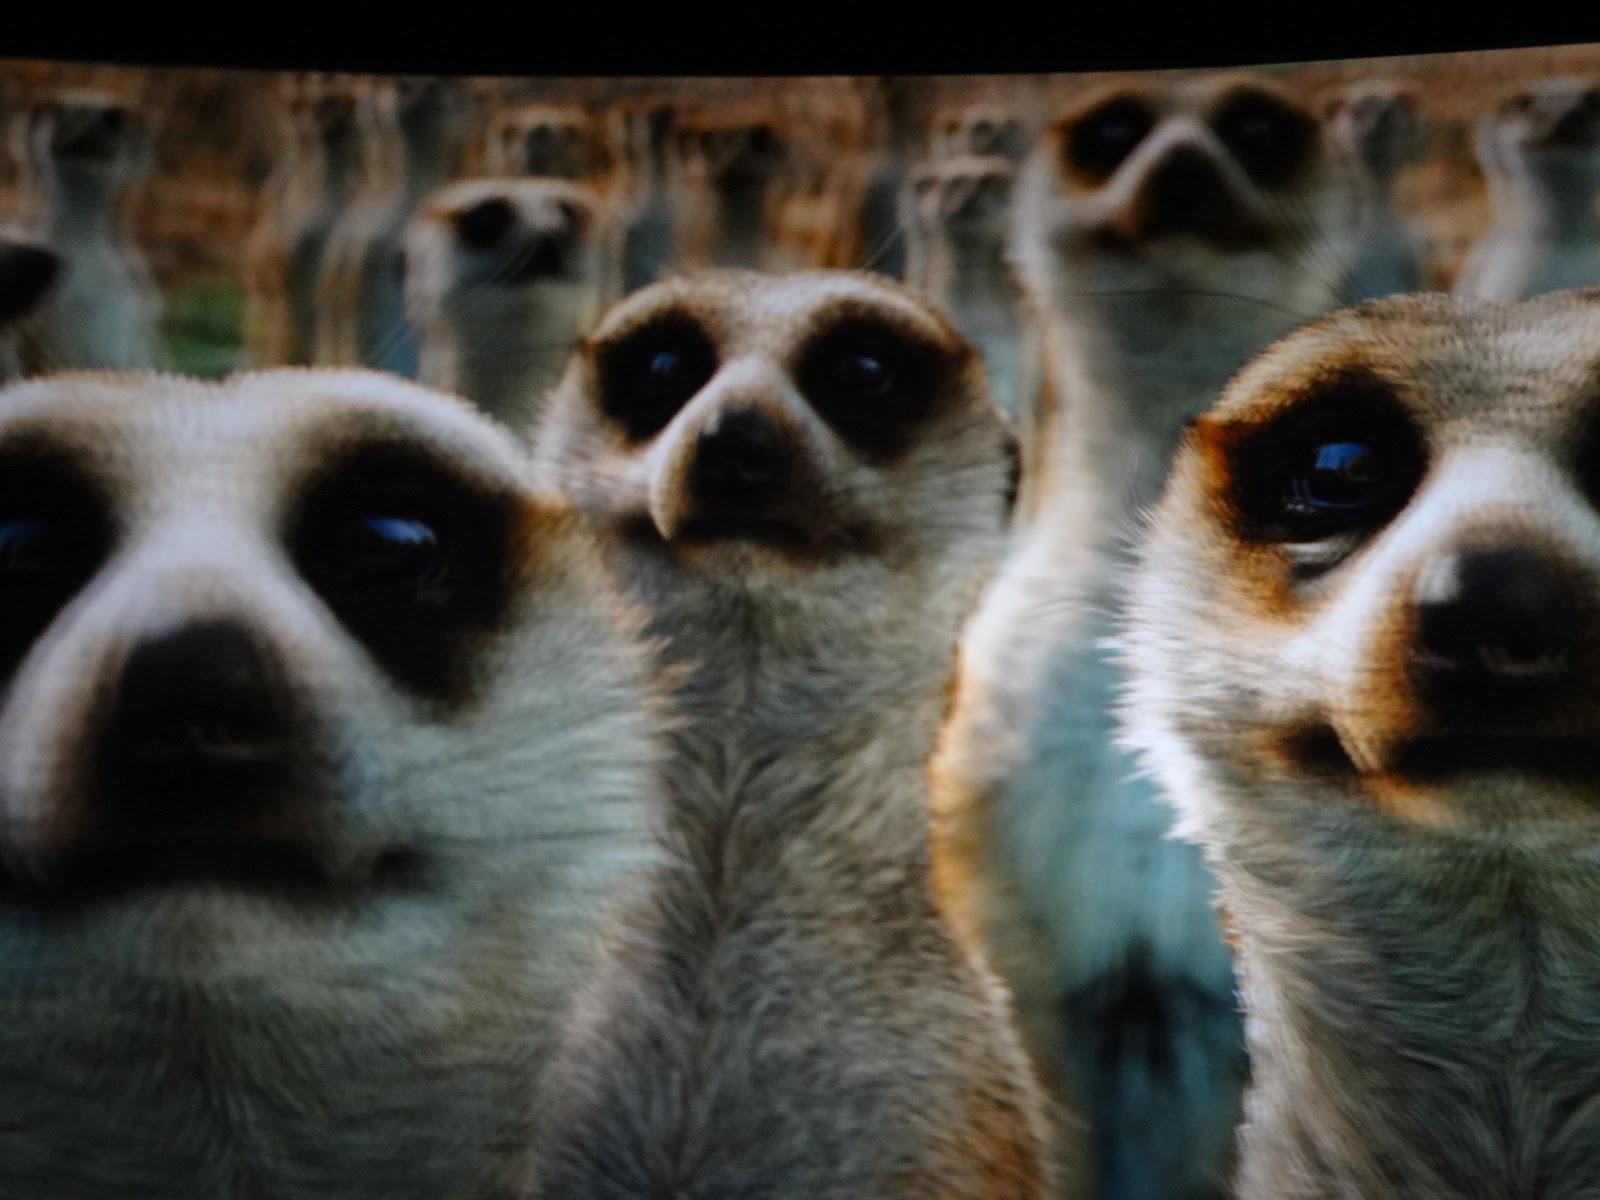 Meerkats life of pi - photo#10